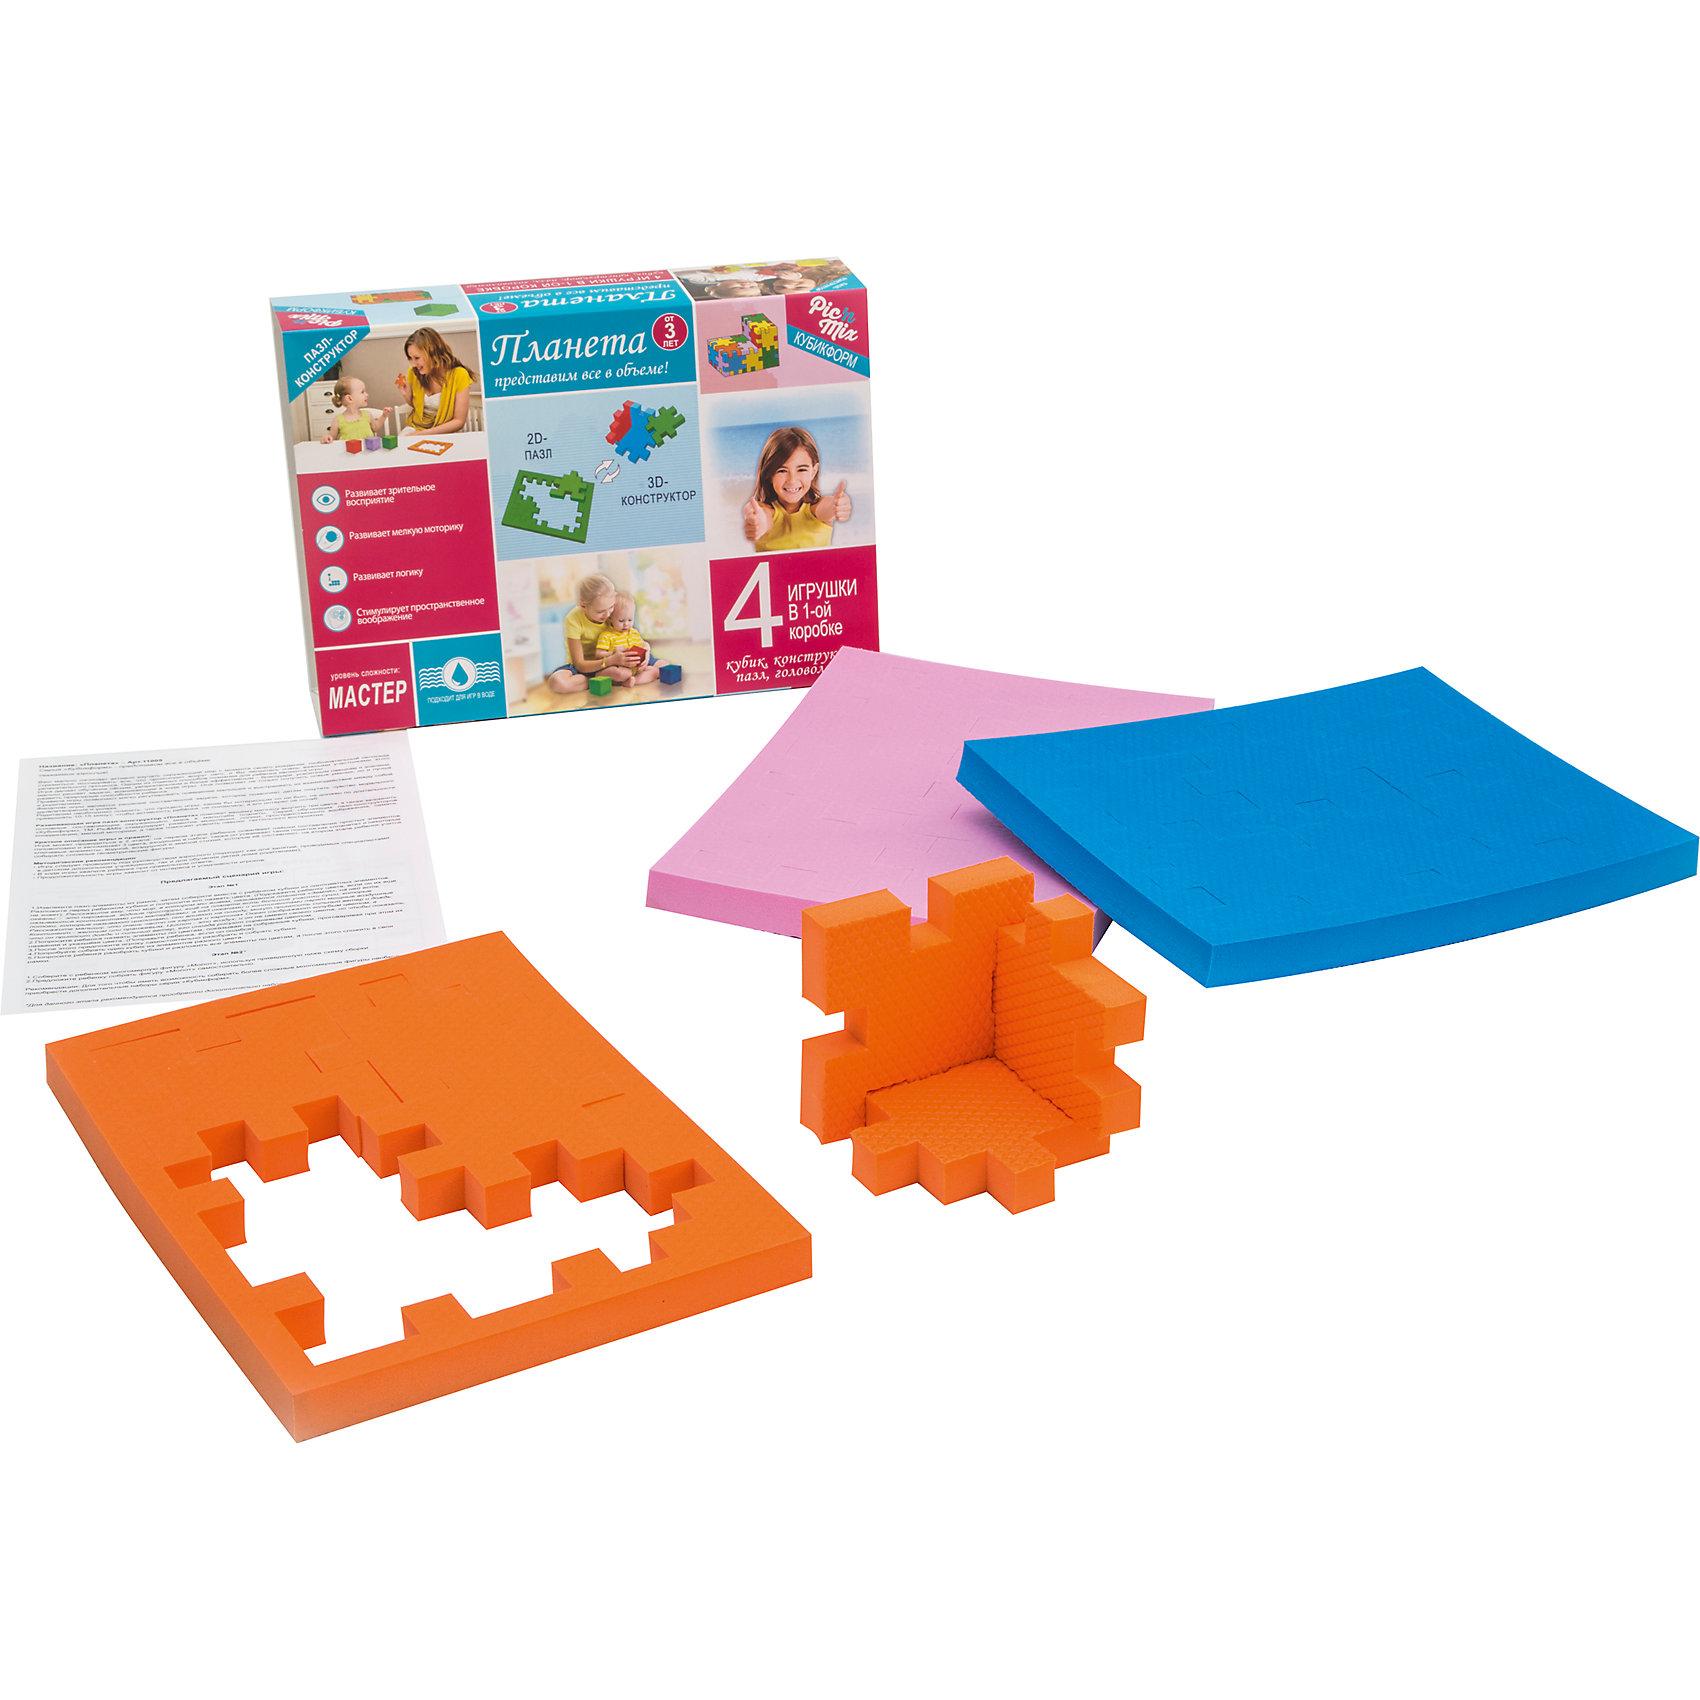 Пазл - конструктор Планета, PicnMixИгры для дошкольников<br>Пазл-конструктор обязательно понравится детям и надолго увлечет их. Игра может проводиться в 2 этапа. На первом этапе ребенок осваивает навыки составления простых элементов головоломки и запоминает 3 цвета, входящие в набор, также он усваивает такие понятия как «планета» и некоторые ключевые элементы, водной, воздушной и земной стихий, которые её составляют. На втором этапе ребенок учится собирать сложные геометрические фигуры. Пазл-конструктор стимулирует развитие мышления, логики, пространственного воображения, памяти, координации, мелкой моторики, а также помогает усвоить навыки тактильного восприятия.<br><br>Дополнительная информация:<br><br>- Материал: этиленвинилацетат.<br>- Размер: 23х5х16 см.<br><br>Пазл - конструктор Планета, Pic`n Mix, можно купить в нашем магазине.<br><br>Ширина мм: 162<br>Глубина мм: 51<br>Высота мм: 232<br>Вес г: 207<br>Возраст от месяцев: 36<br>Возраст до месяцев: 120<br>Пол: Унисекс<br>Возраст: Детский<br>SKU: 4284787